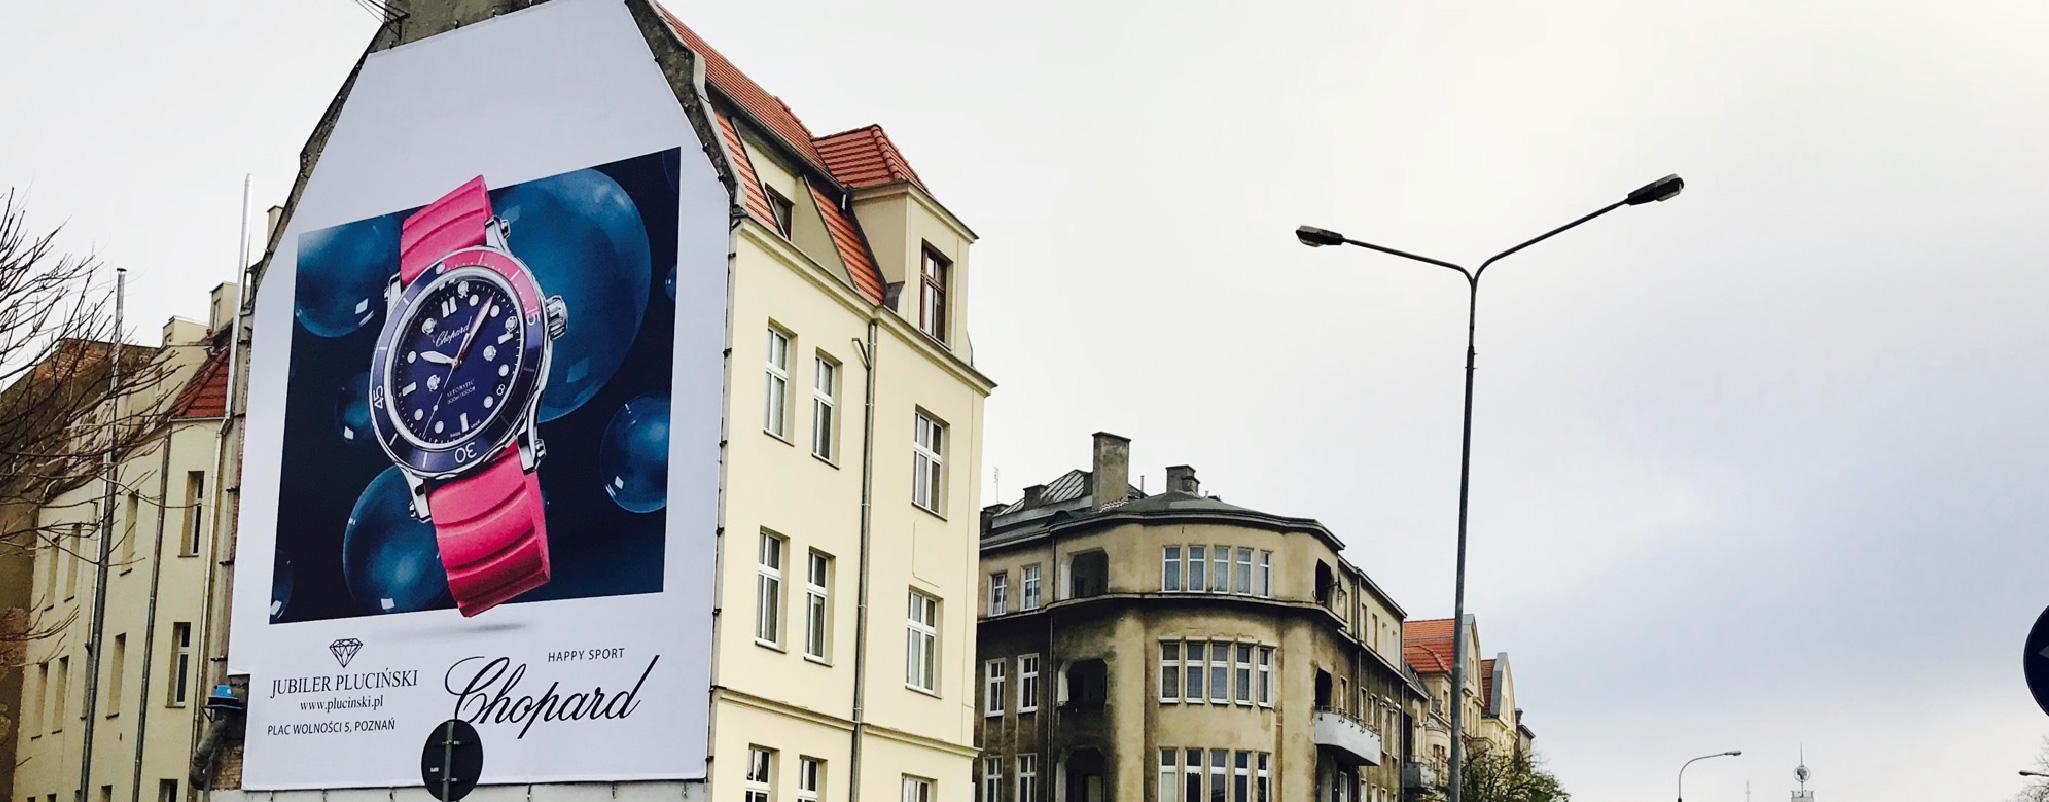 Reklama wielkoformatowa Poznań Zeylanda Plucinski